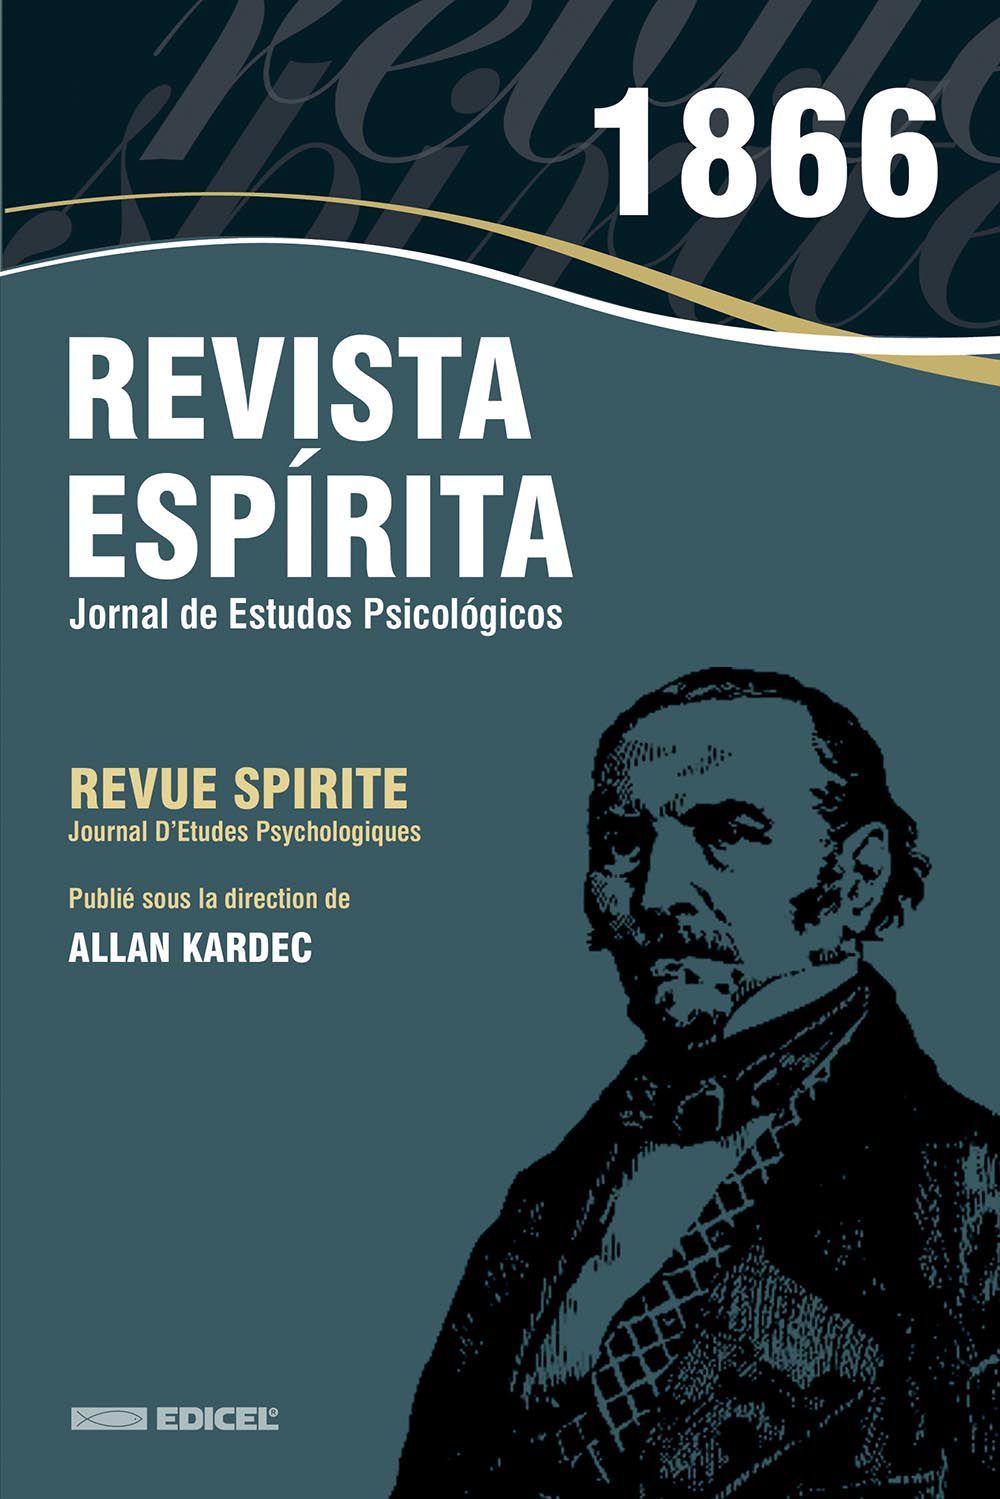 Allan Kardec | Revista Espírita 1866